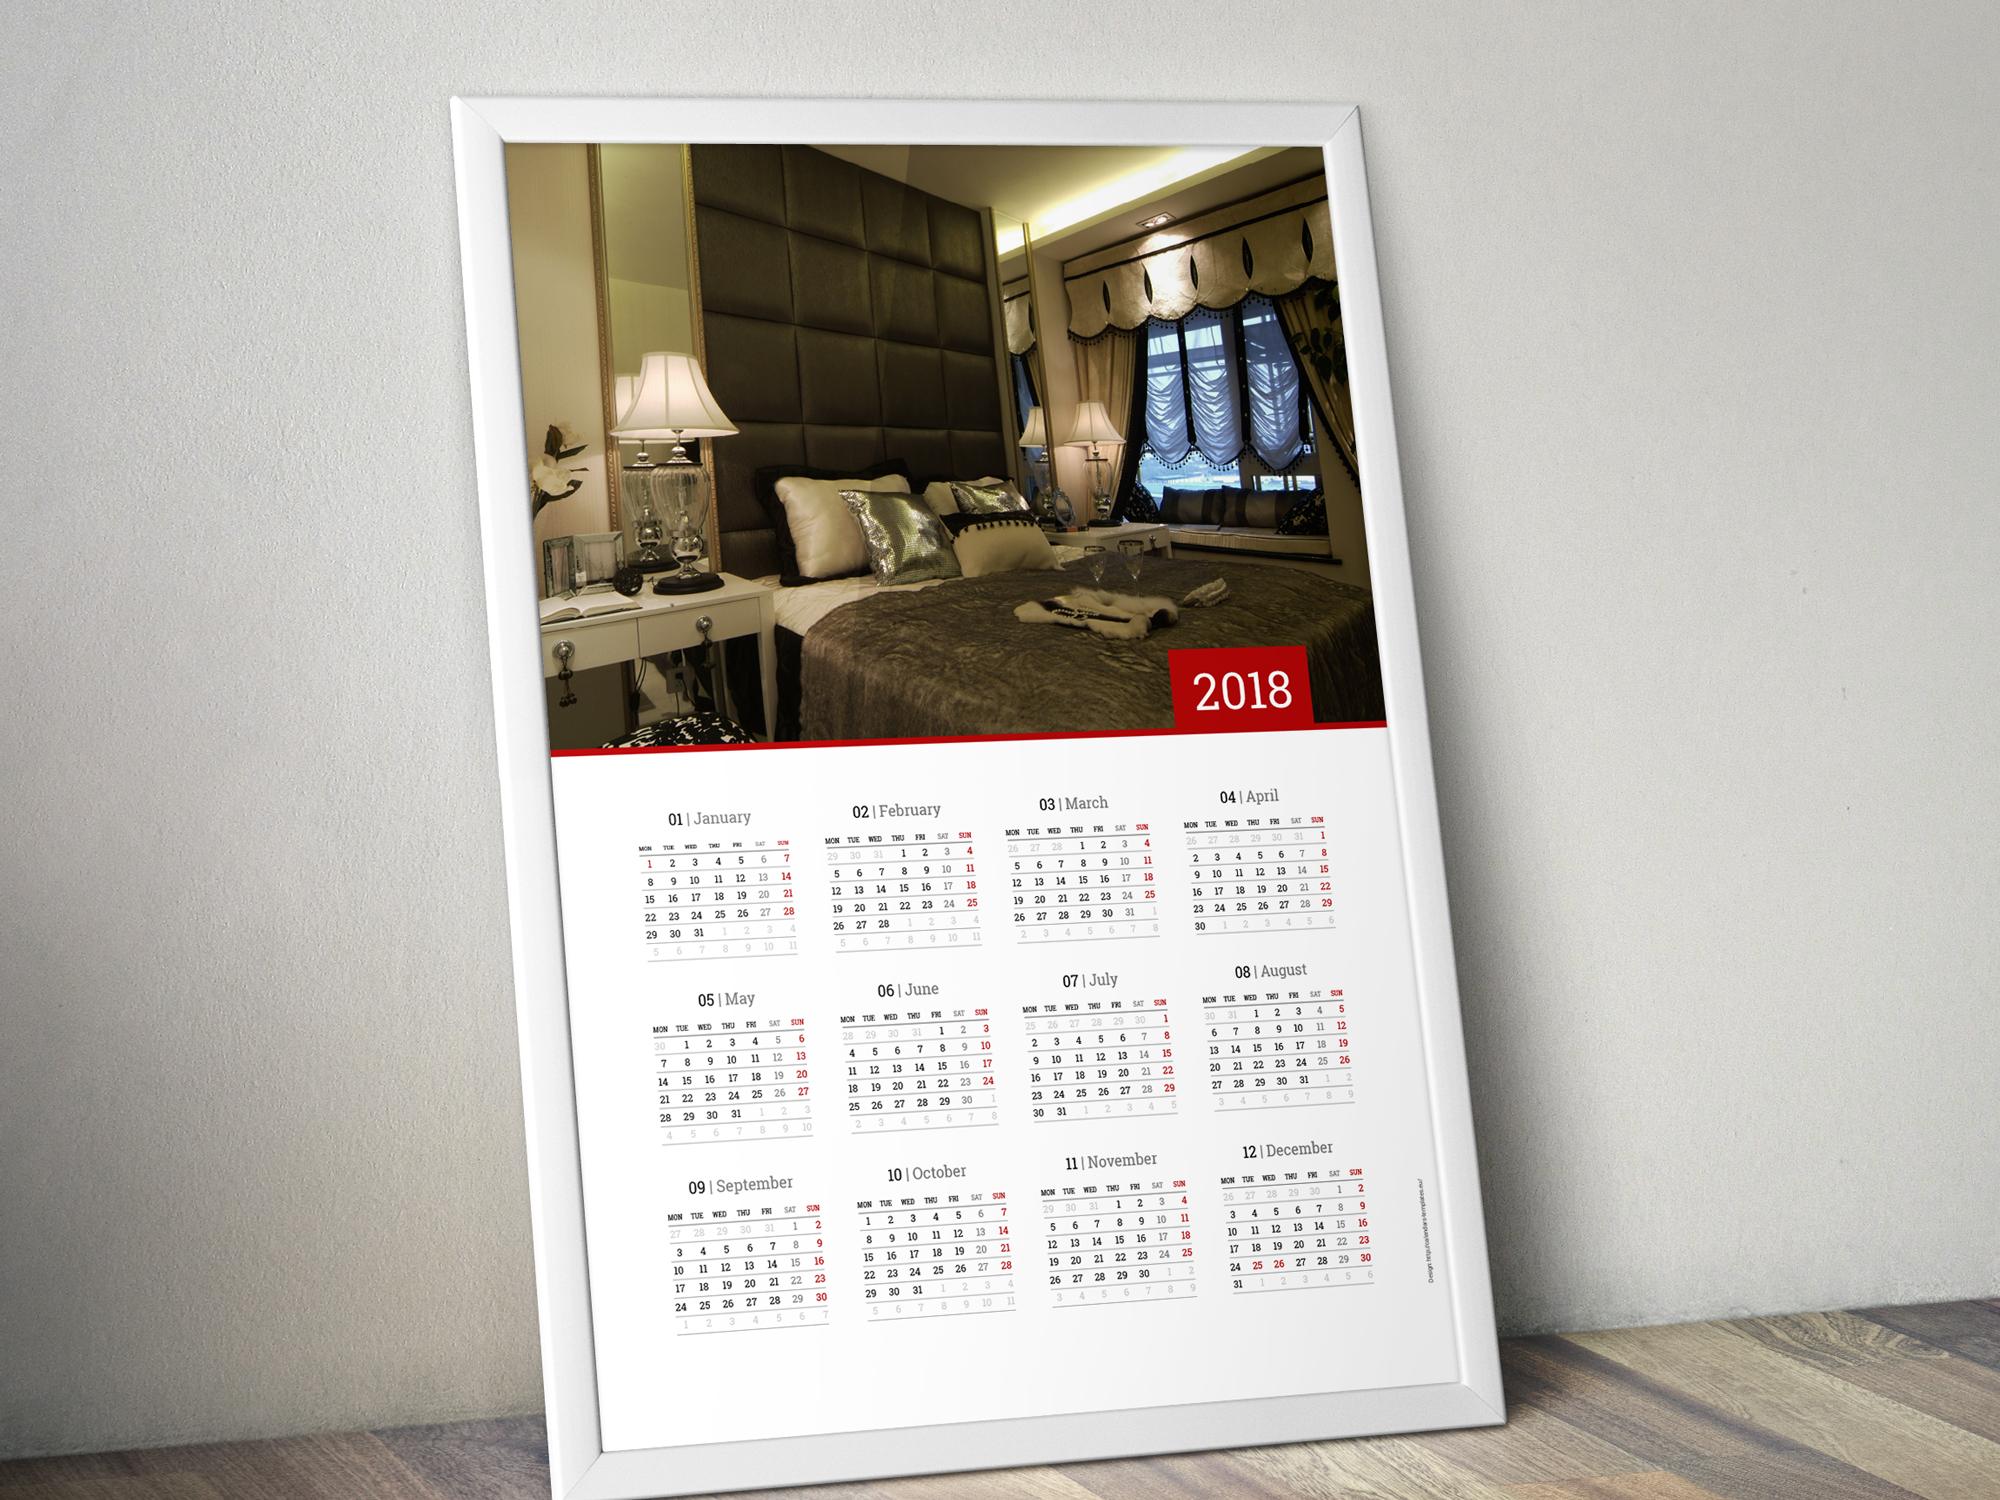 Poster_Wall_Calendar2018_KJP-W11a.jpg